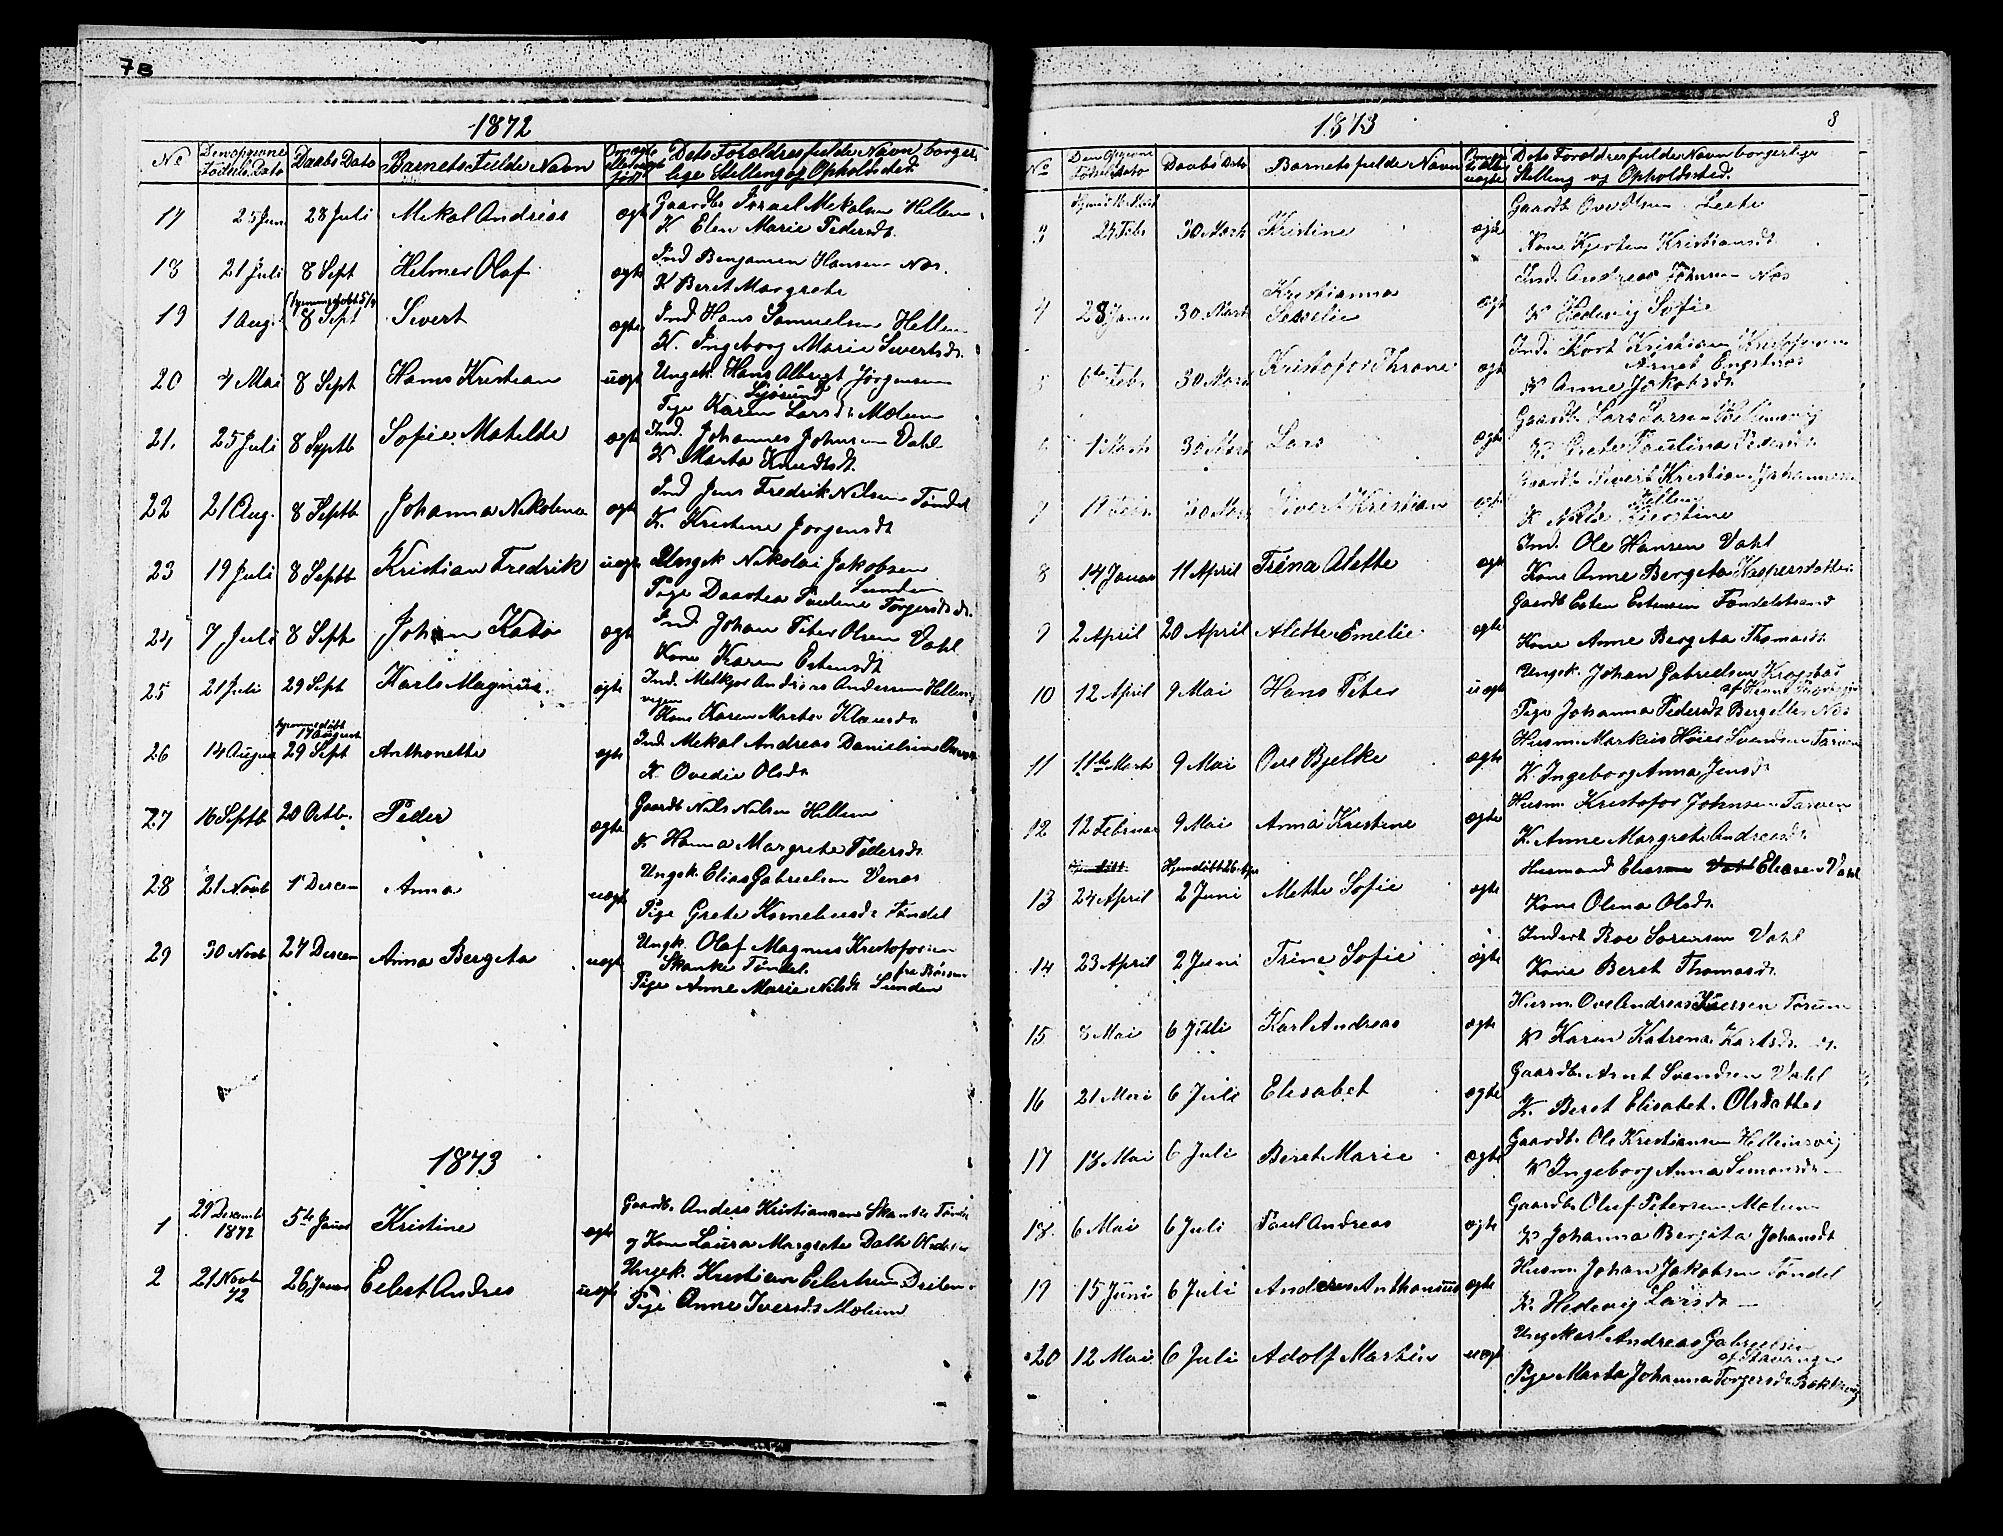 SAT, Ministerialprotokoller, klokkerbøker og fødselsregistre - Sør-Trøndelag, 652/L0653: Klokkerbok nr. 652C01, 1866-1910, s. 8